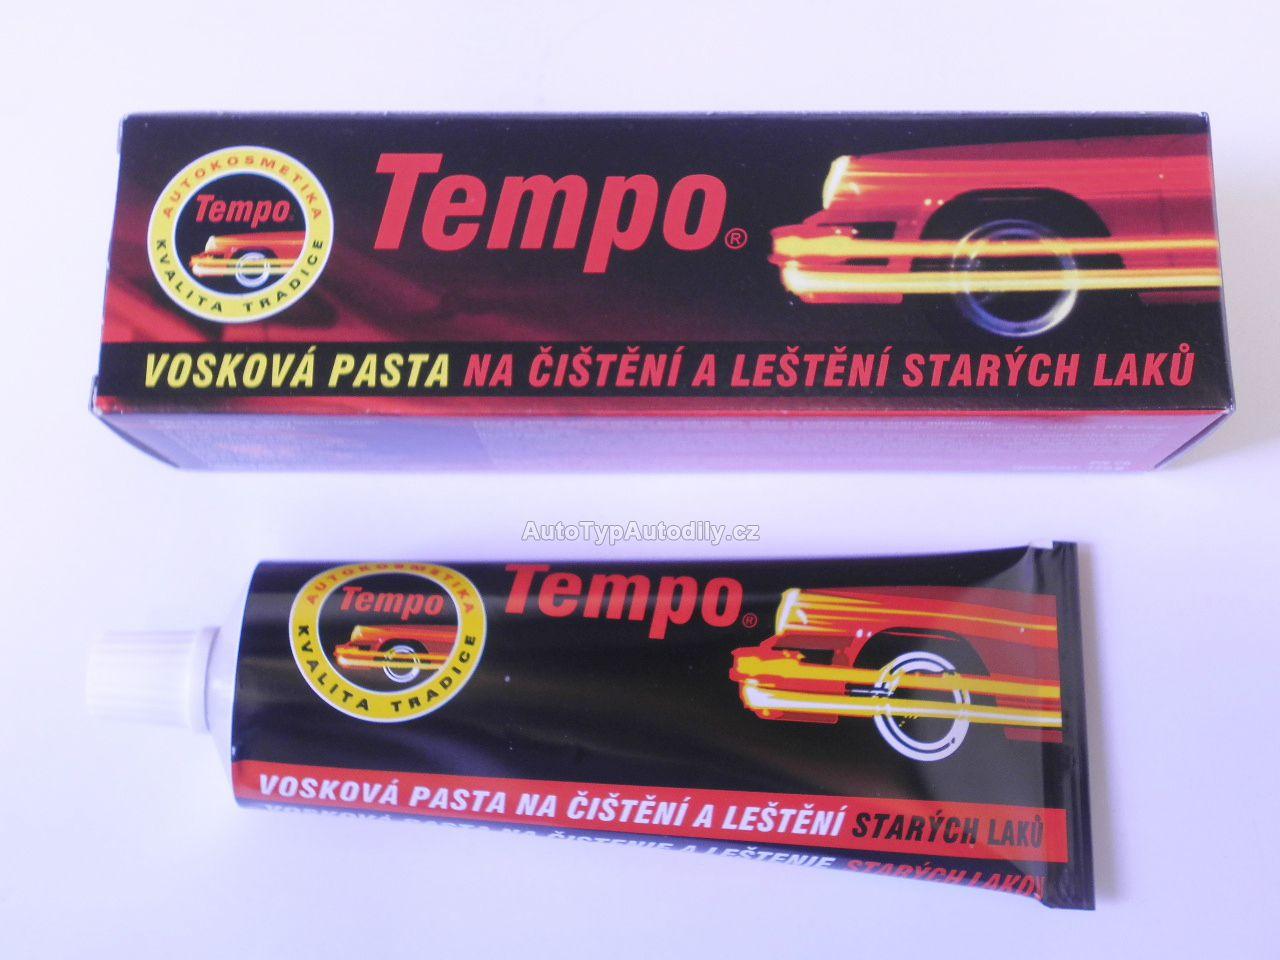 www.autotypautodily.cz Tempo,leštící pasta na staré laky 120g